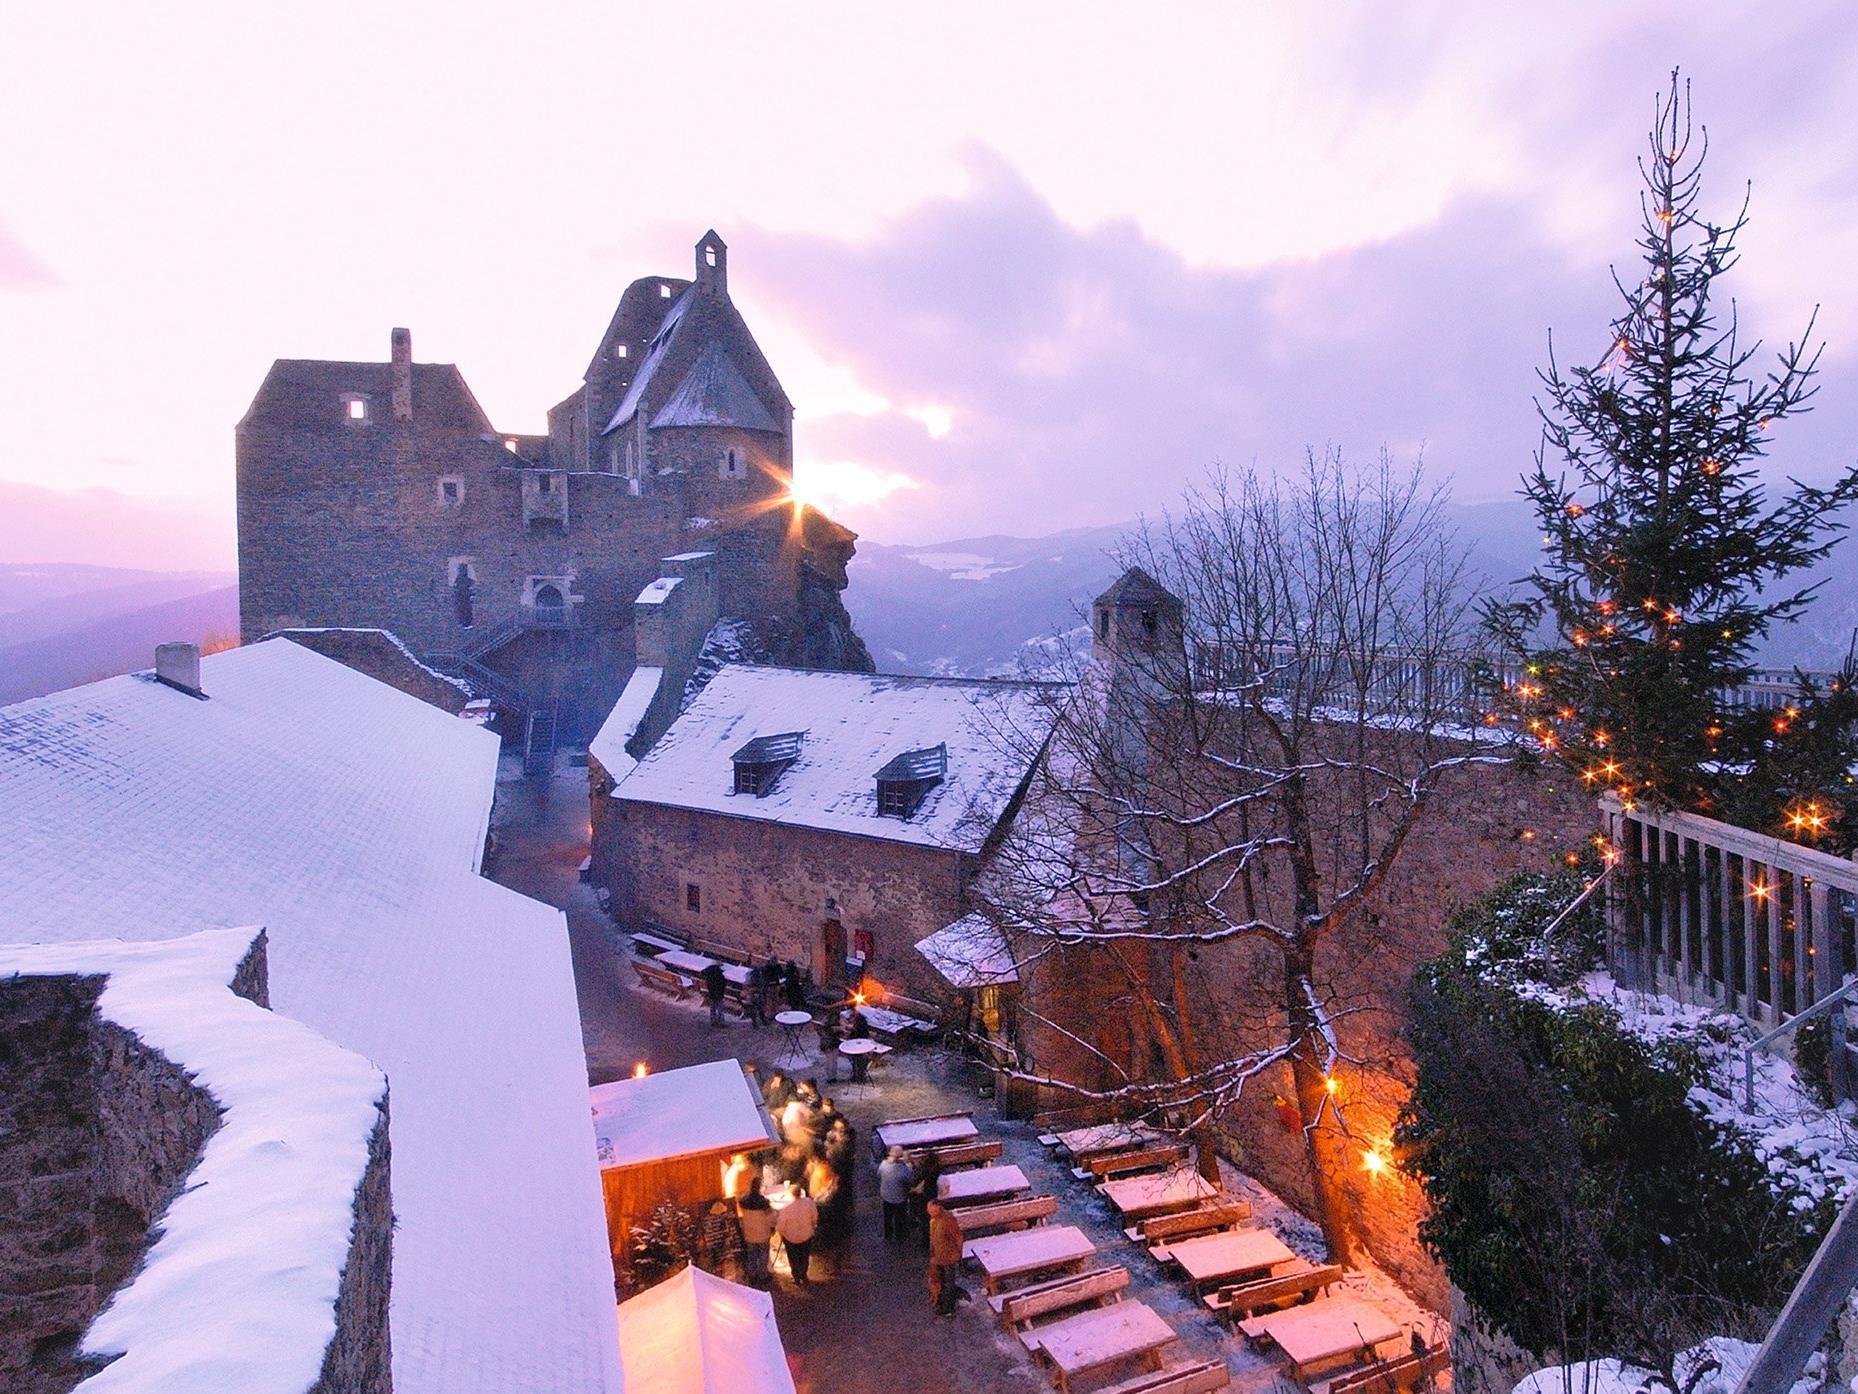 Auch dei Burgruine Aggstein lockt zum Weihnachtsmarkt.